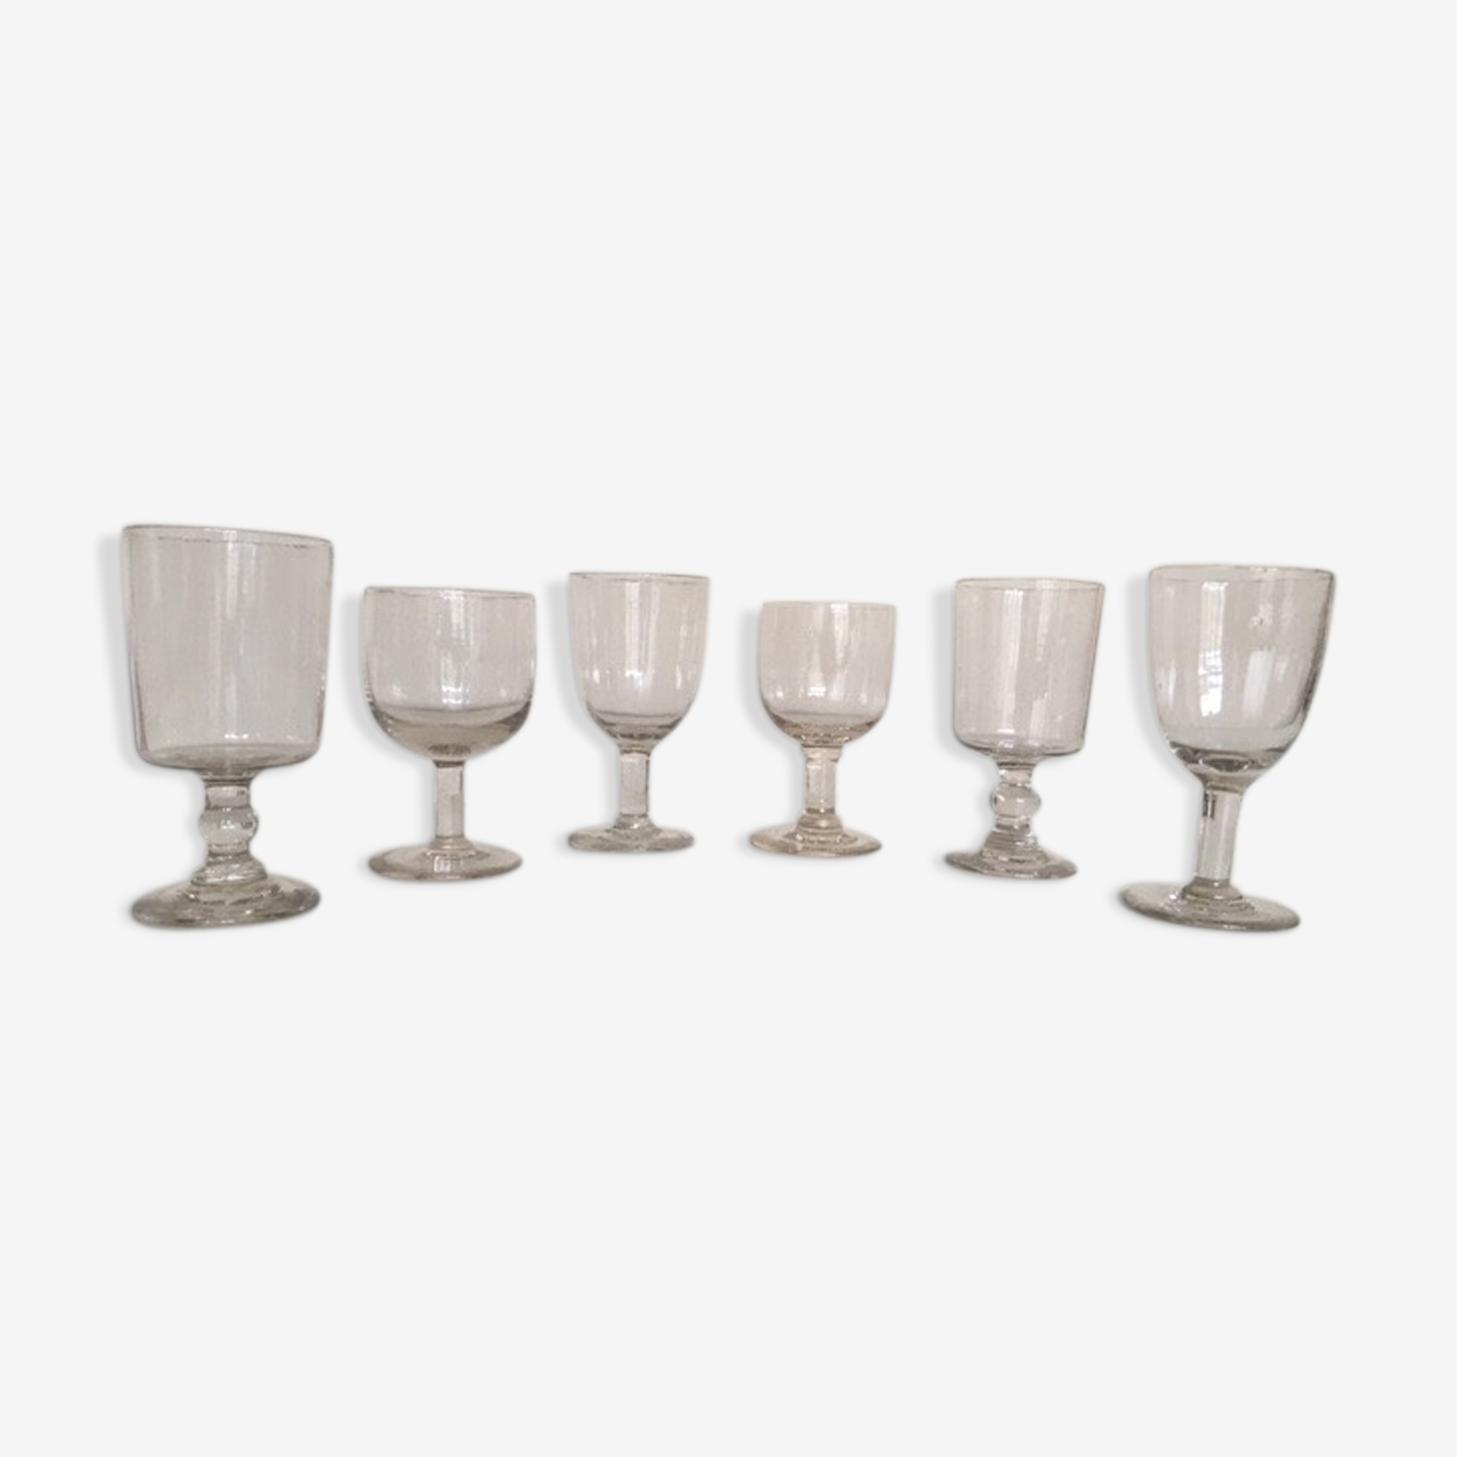 Set de 6 verres Louis Philippe mix & match